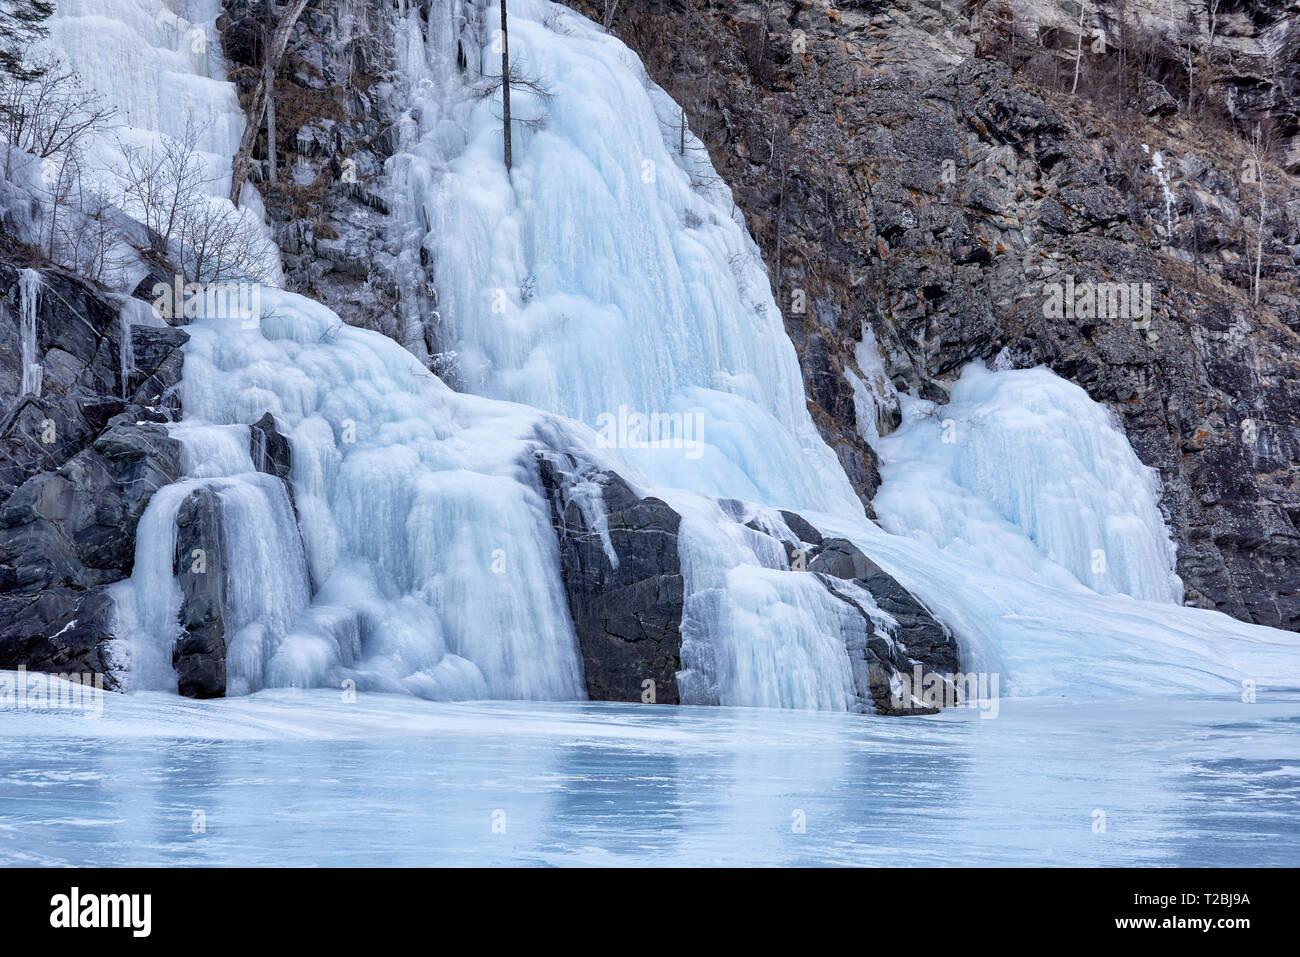 Fairy Eisfall ist das Ergebnis der Einfrieren von herabfallenden kleinen Bächen auf negativen Umgebungstemperaturen. Bildung von bizarren Formen von gefrorenem Wasser Stockbild